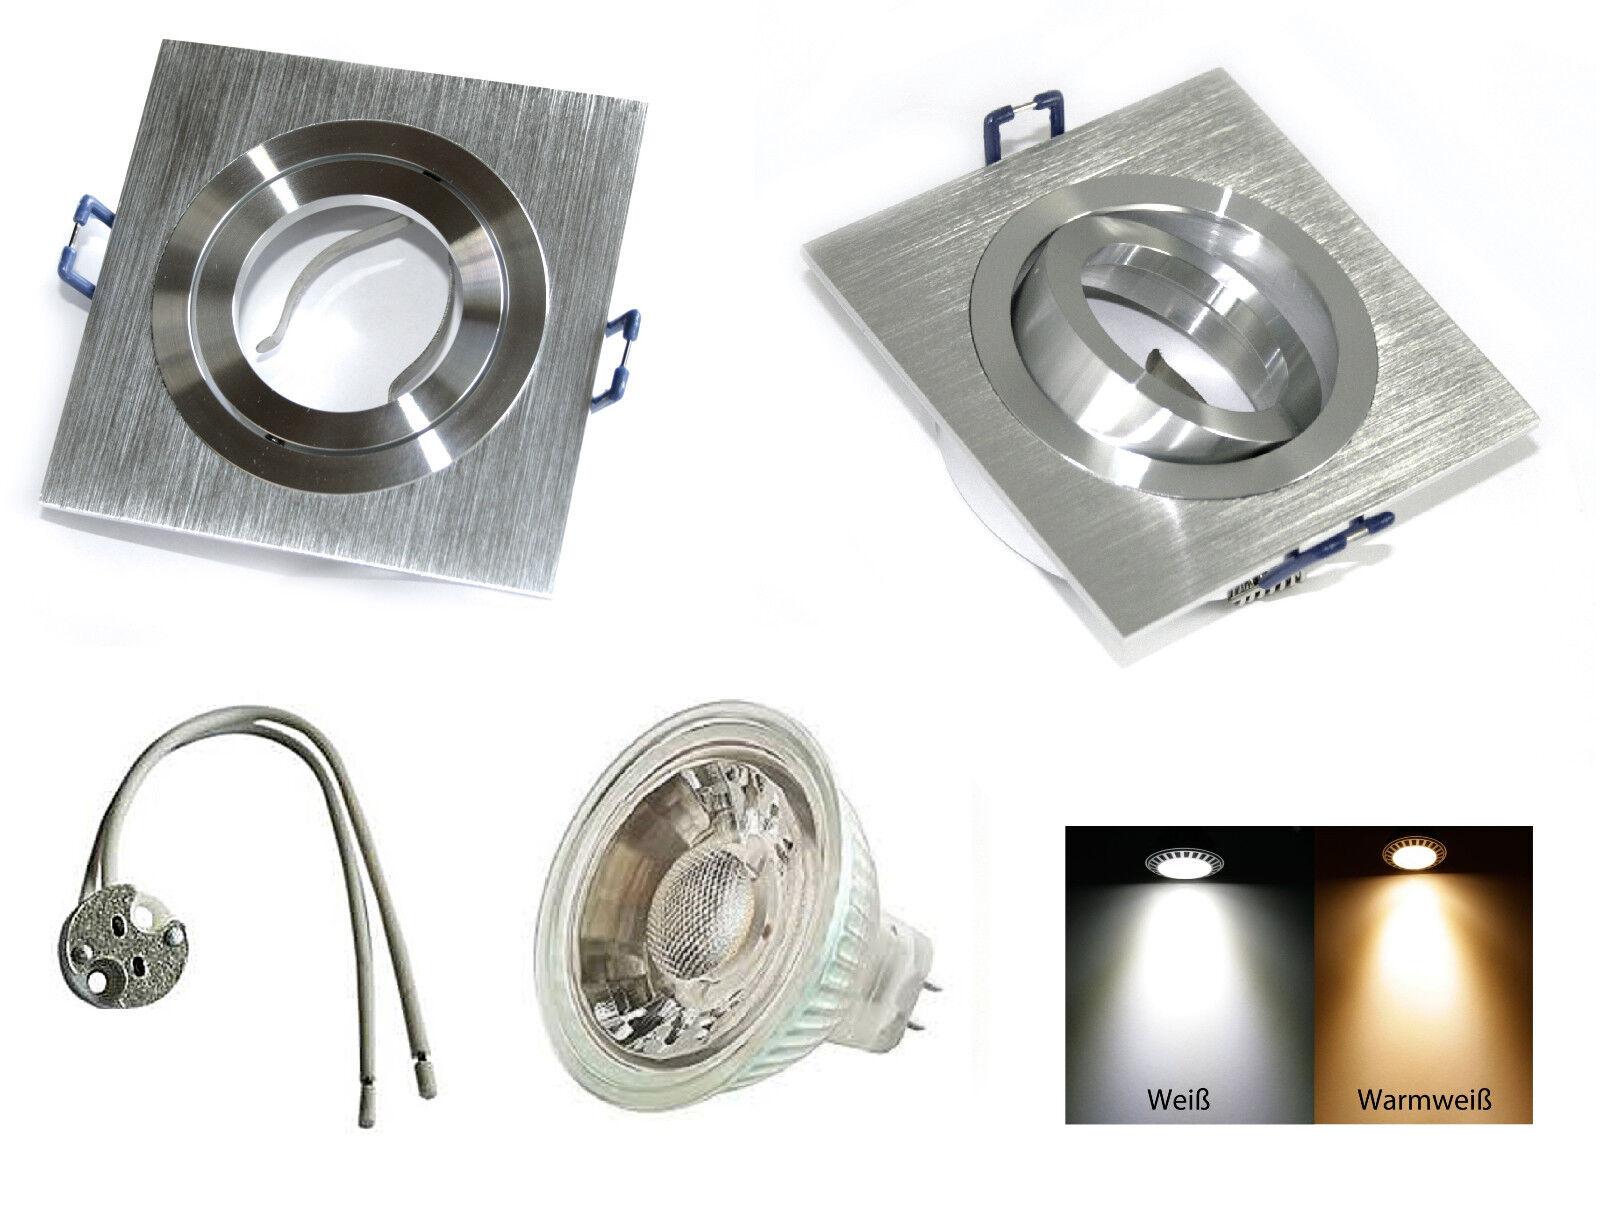 vendita outlet FARETTO Soffitto Lenard rettangolare 12v mr16 LED COB 5w 5w 5w = 35w ip20  Offriamo vari marchi famosi